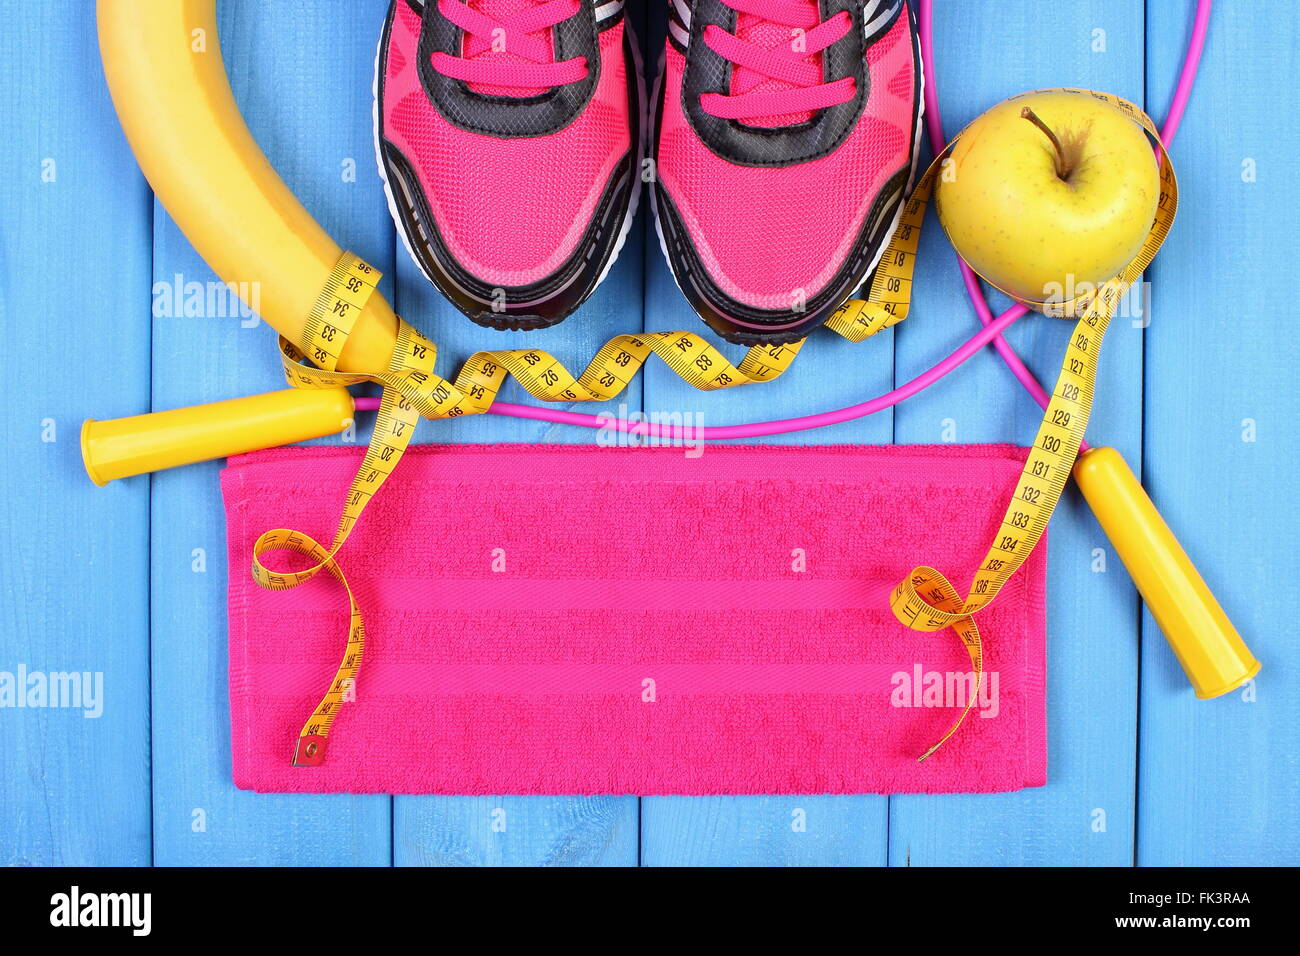 Par de zapatillas de deporte, frutas frescas y accesorios para hacer ejercicios o deporte sobre placas de azul, Imagen De Stock